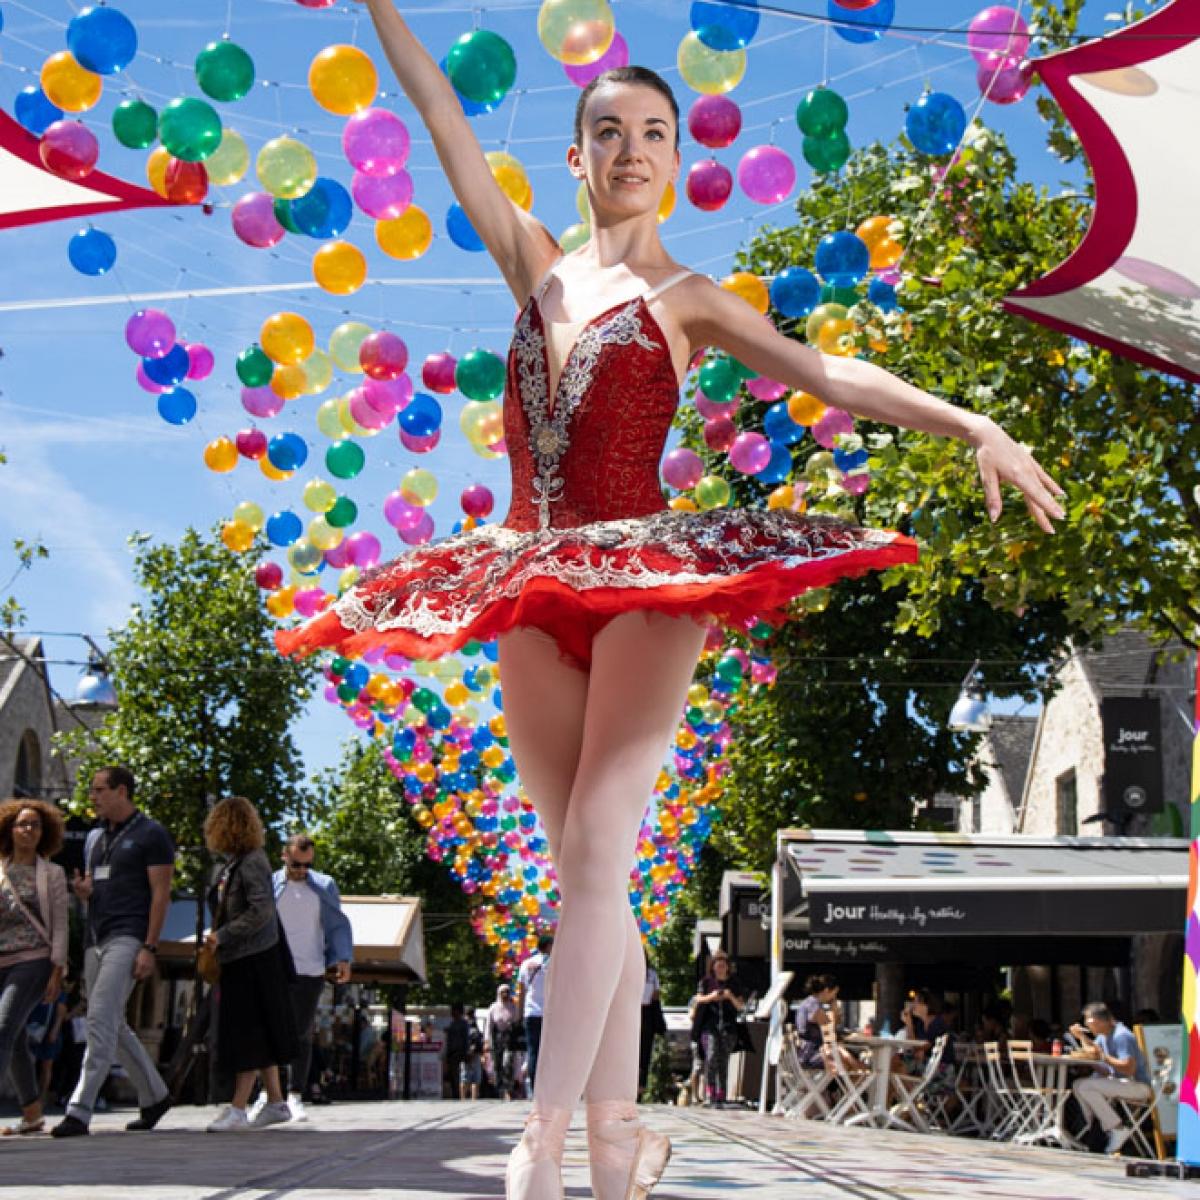 la danseuse exceptionnelle de ballet CYRIELLE JOST pendant notre deplacement dans les rue de BERCY VILLAGE Paris on a découvert des endroit manifique et chaleureux Crédit photo: © MARWAN MOUSSA / 2019